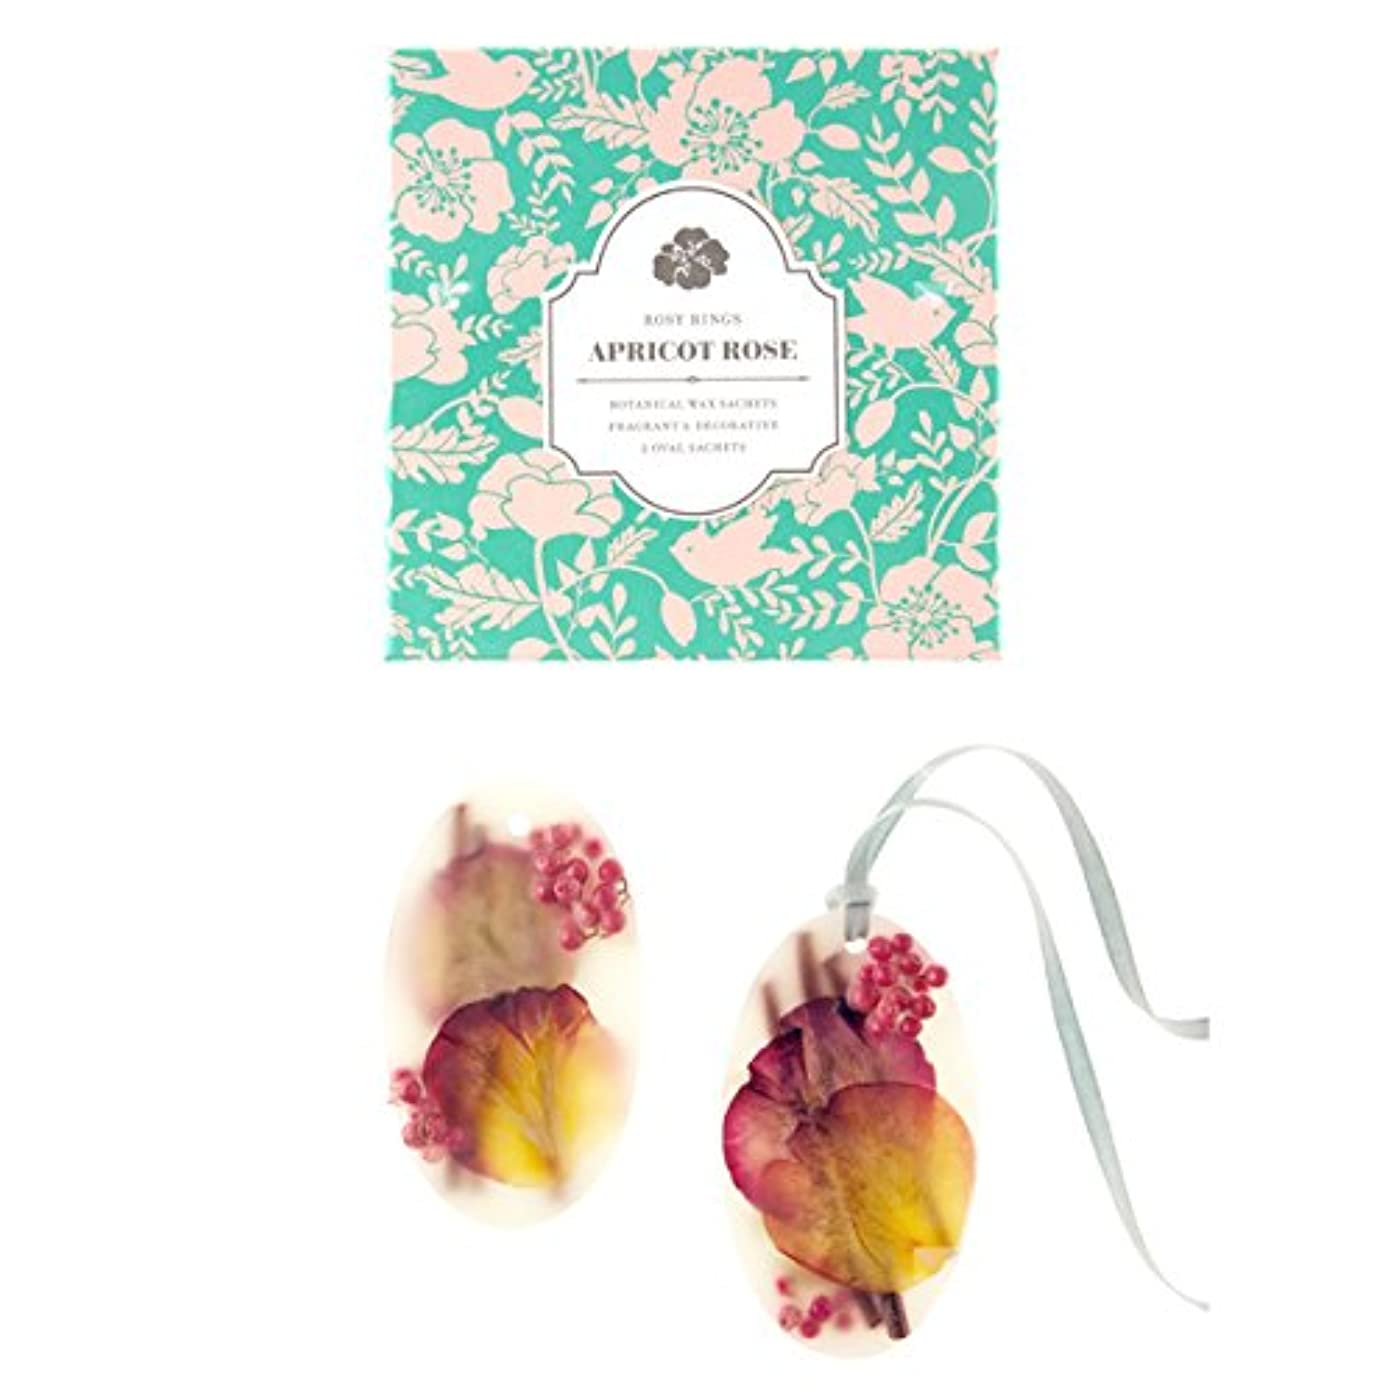 ダーツテレックス目の前のロージーリングス ボタニカルワックスサシェ オーバル アプリコット&ローズ ROSY RINGS Signature Collection Botanical Wax Sachets – Apricot Rose